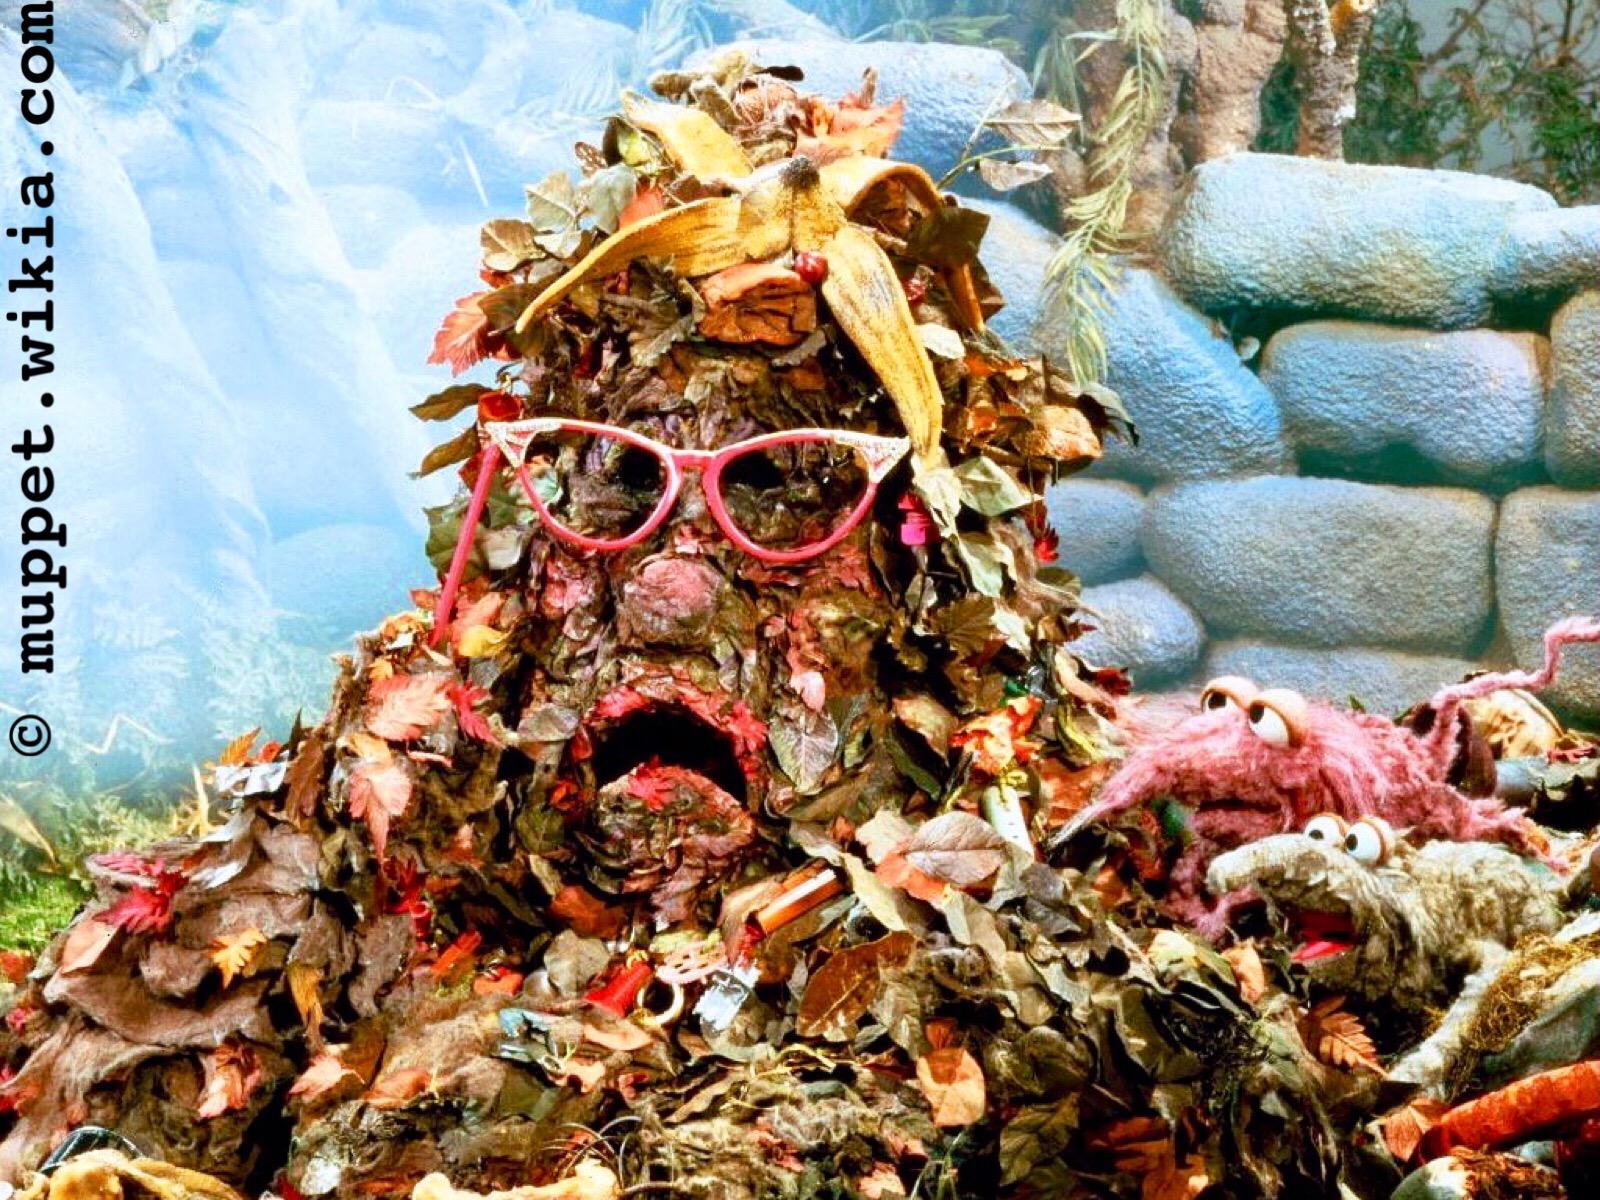 eine Puppe (für Puppenspiele), die eine Müllhalde ist - sie besteht aus ganz viel Laub, hat auf dem Kopf eine Bananenschale und eine schiefe, kaputte, rosa Plastik-Brille auf, sie spricht und ihre Mundwinkel zeigen nach unten